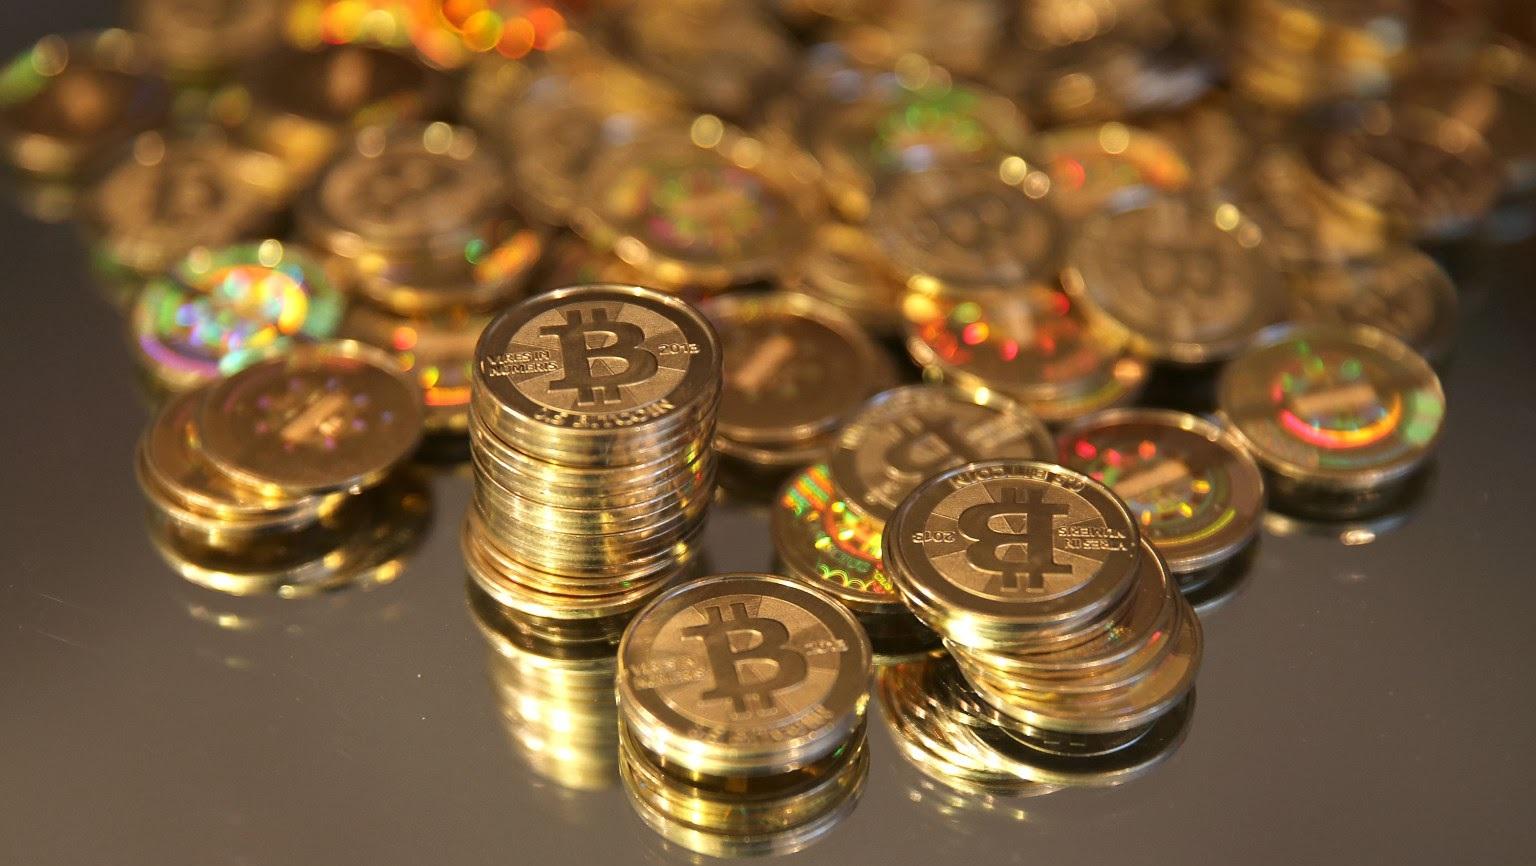 Il Bitcoin, la moneta (virtuale) del futuro